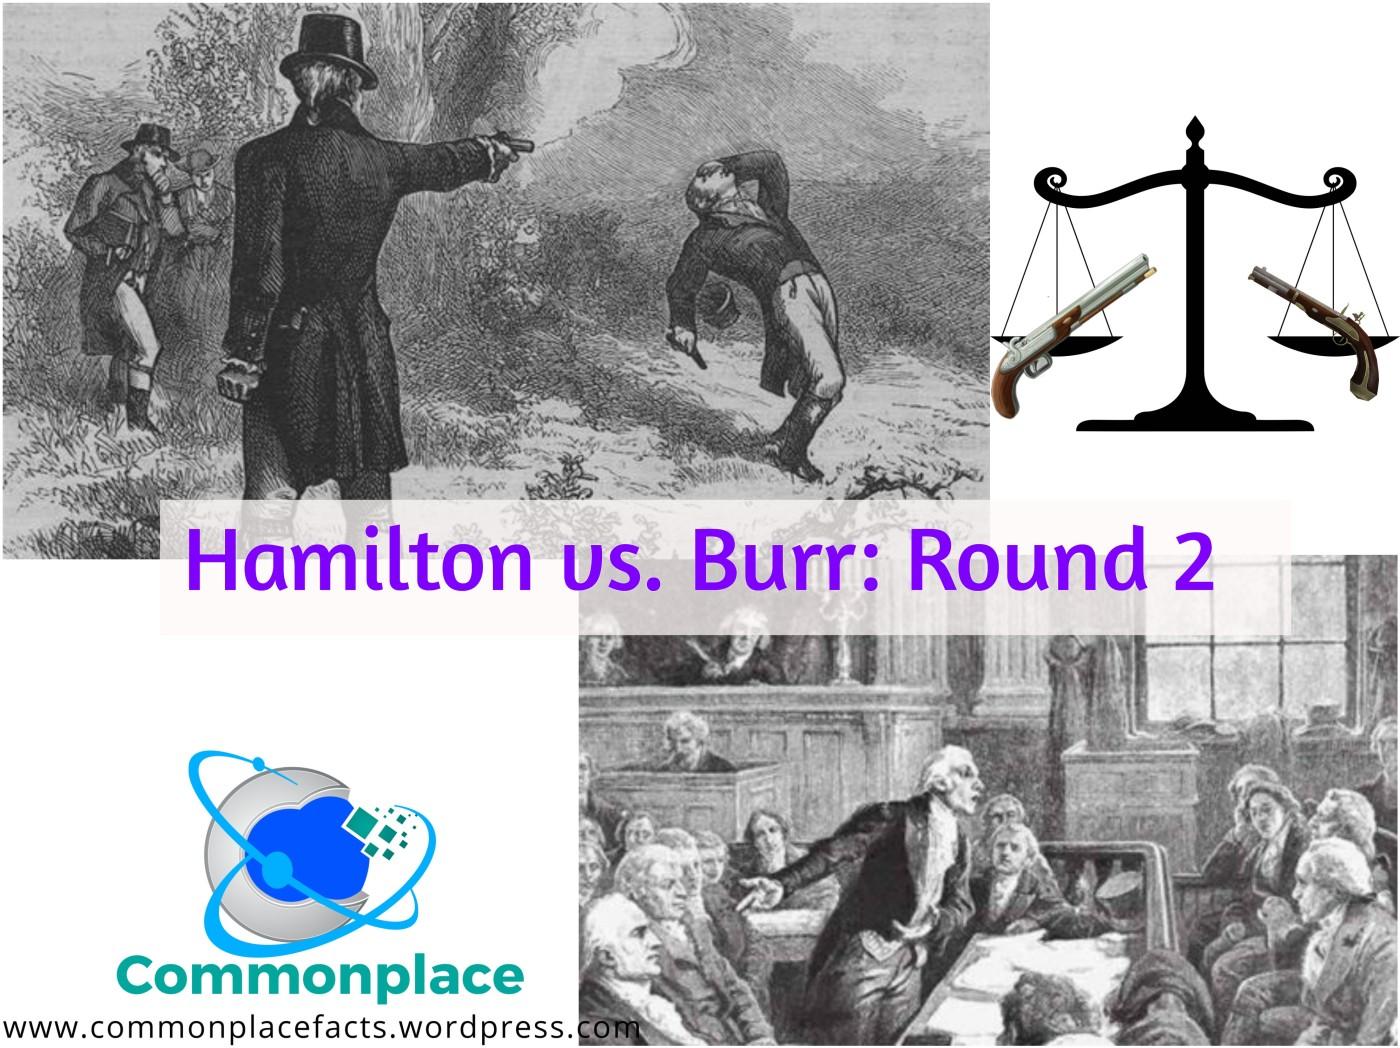 #Hamilton #Burr #duels #divorce #court #funfacts #history